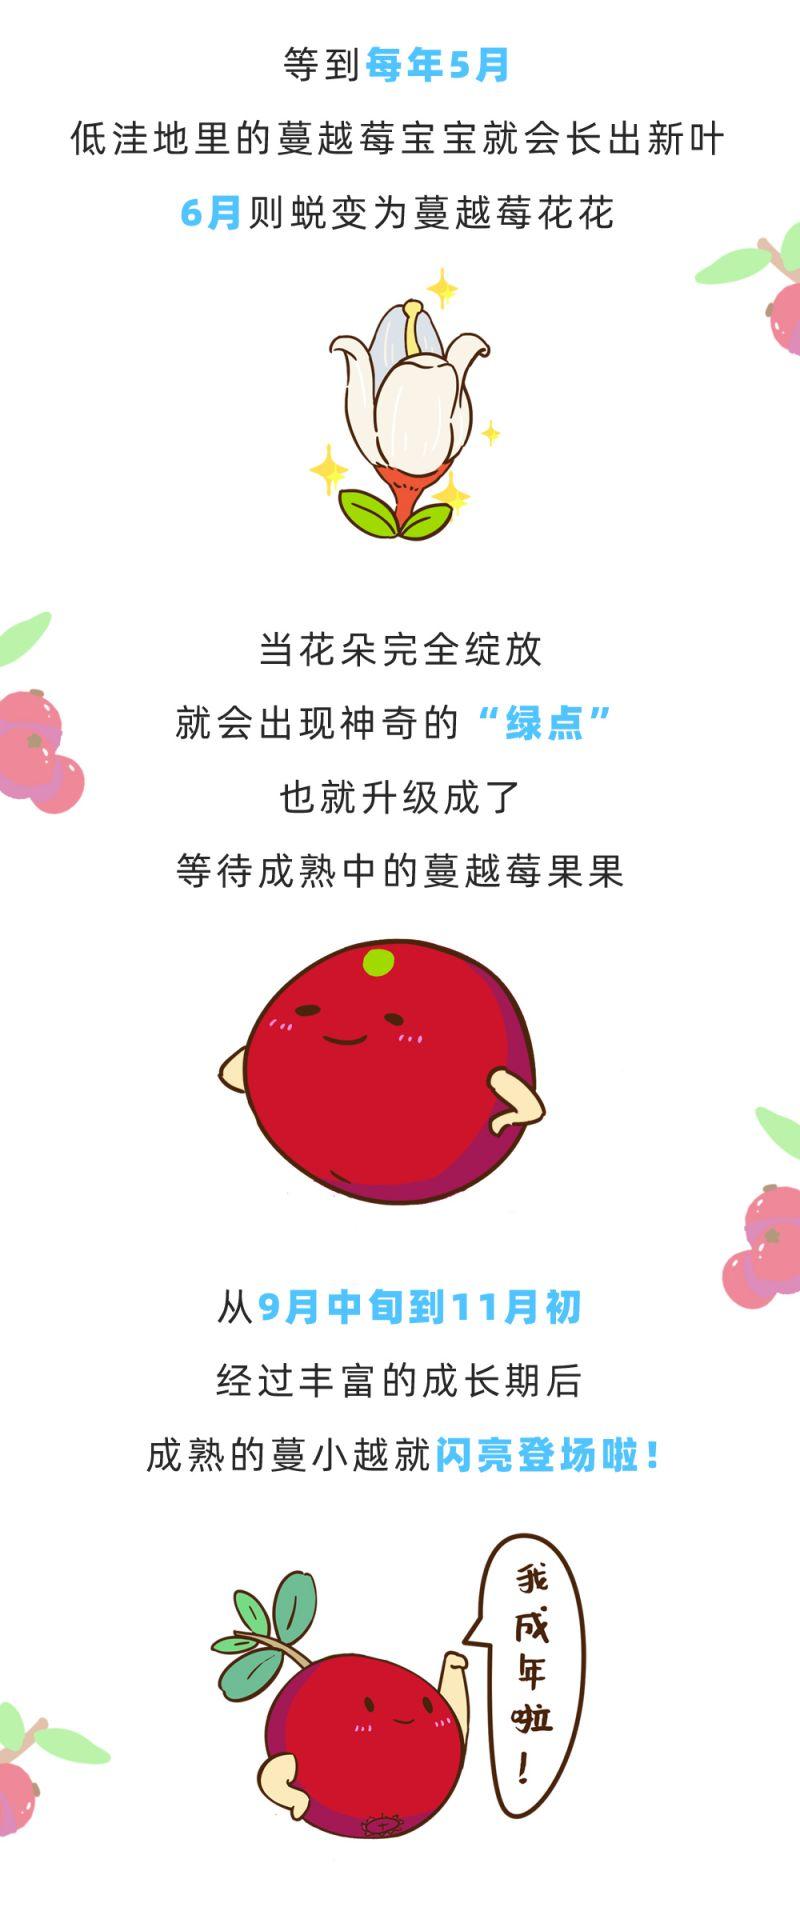 个头小却能量大,这个天然小红果就是蔓越莓